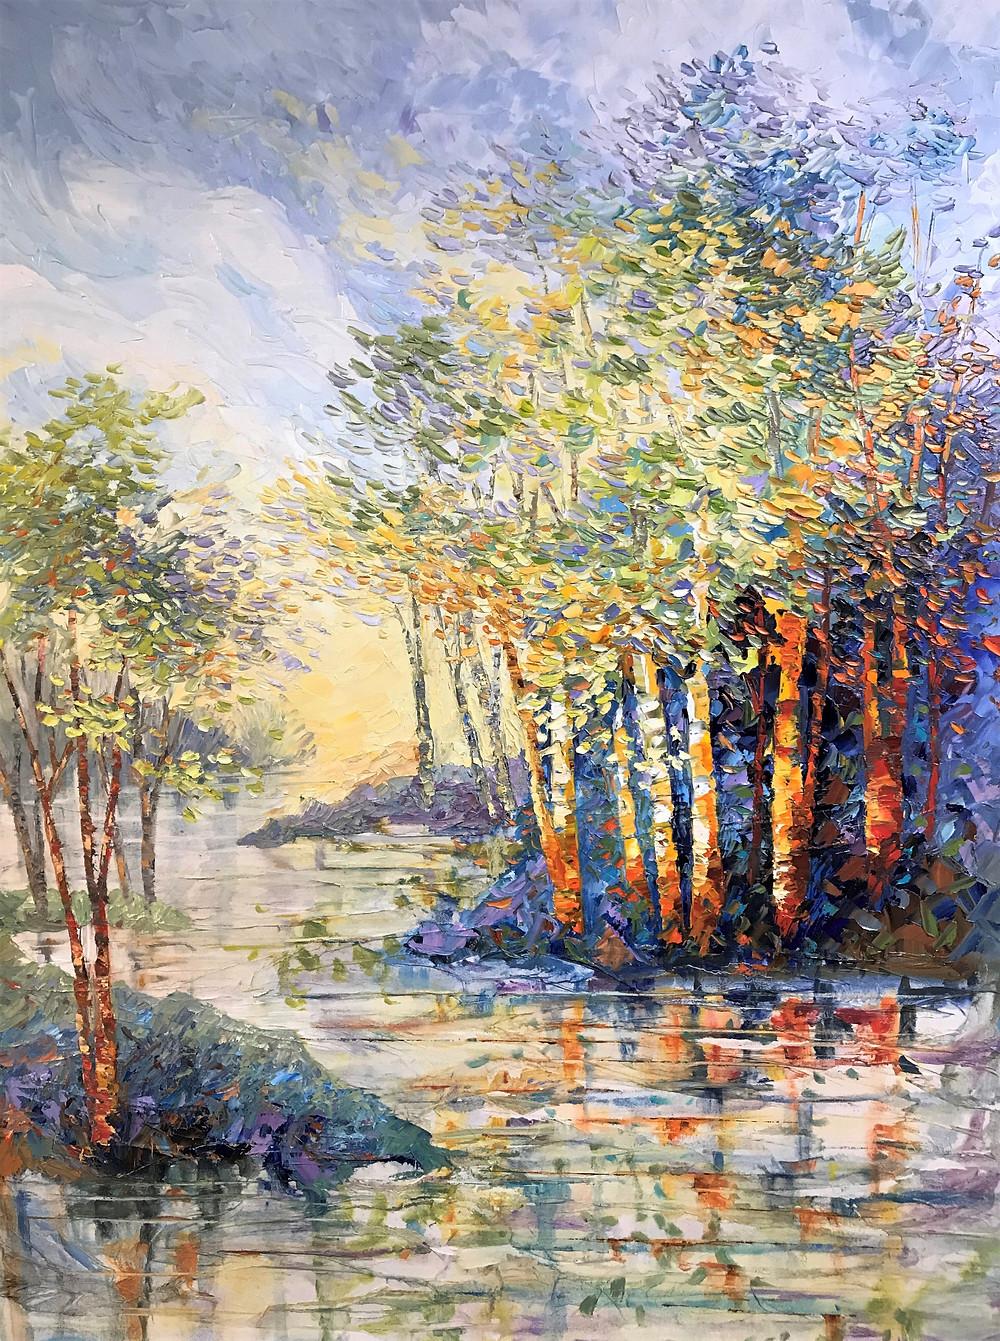 birch aspen landscape water reflection landscape original oil by Kate Moynihan